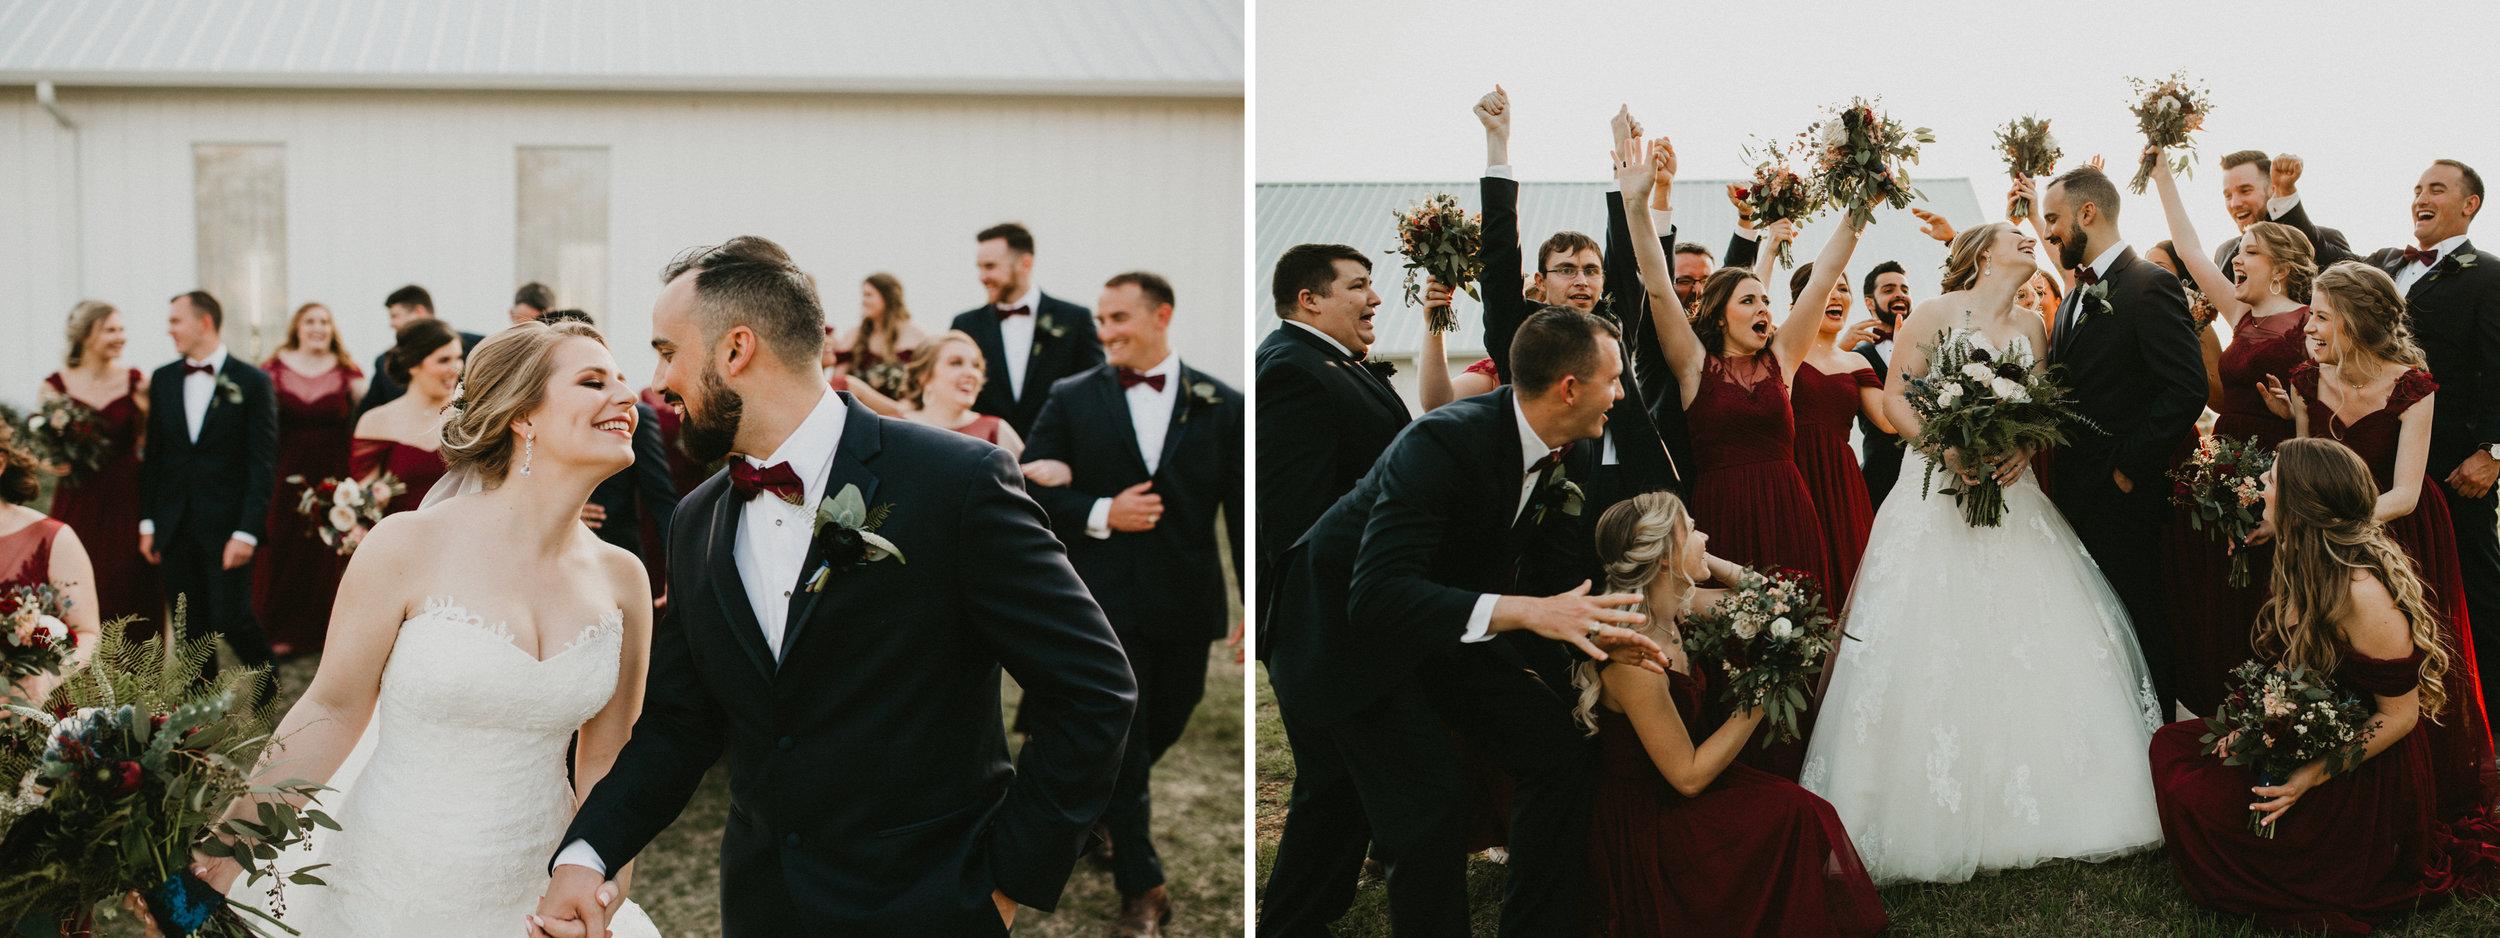 The Farmhouse Burgundy Bridal Party.jpg